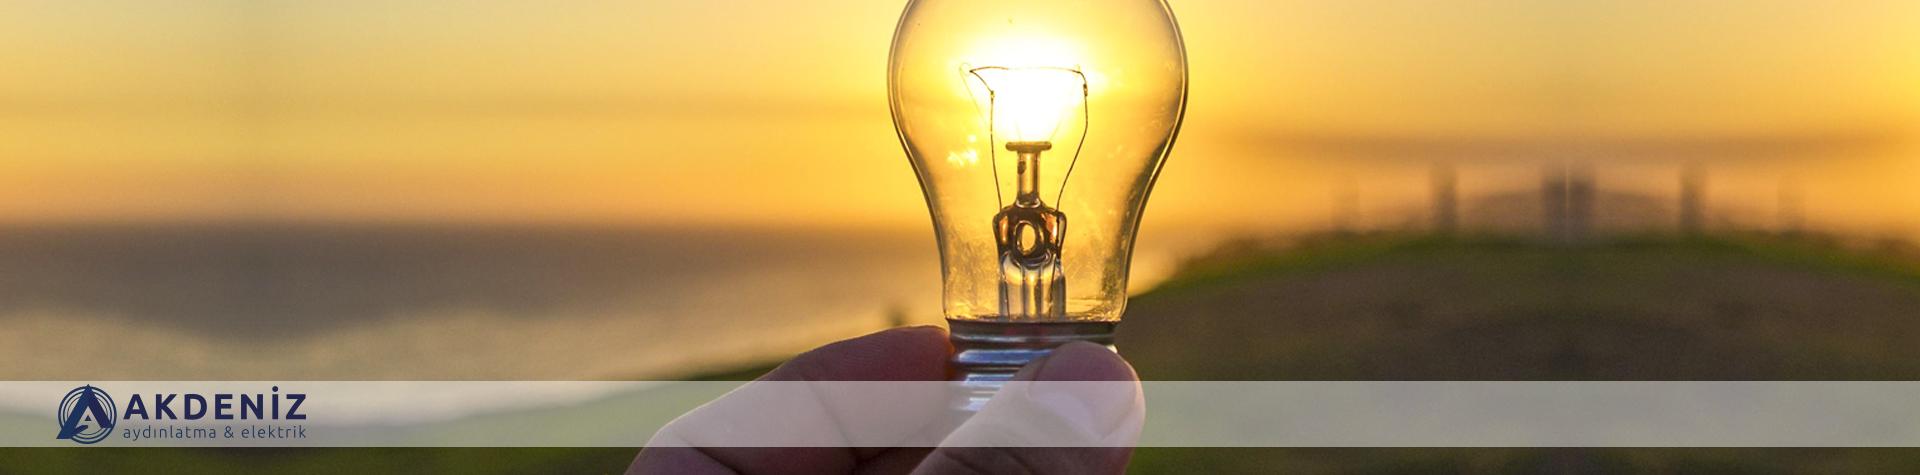 Akdeniz Aydınlatma & Elektrik